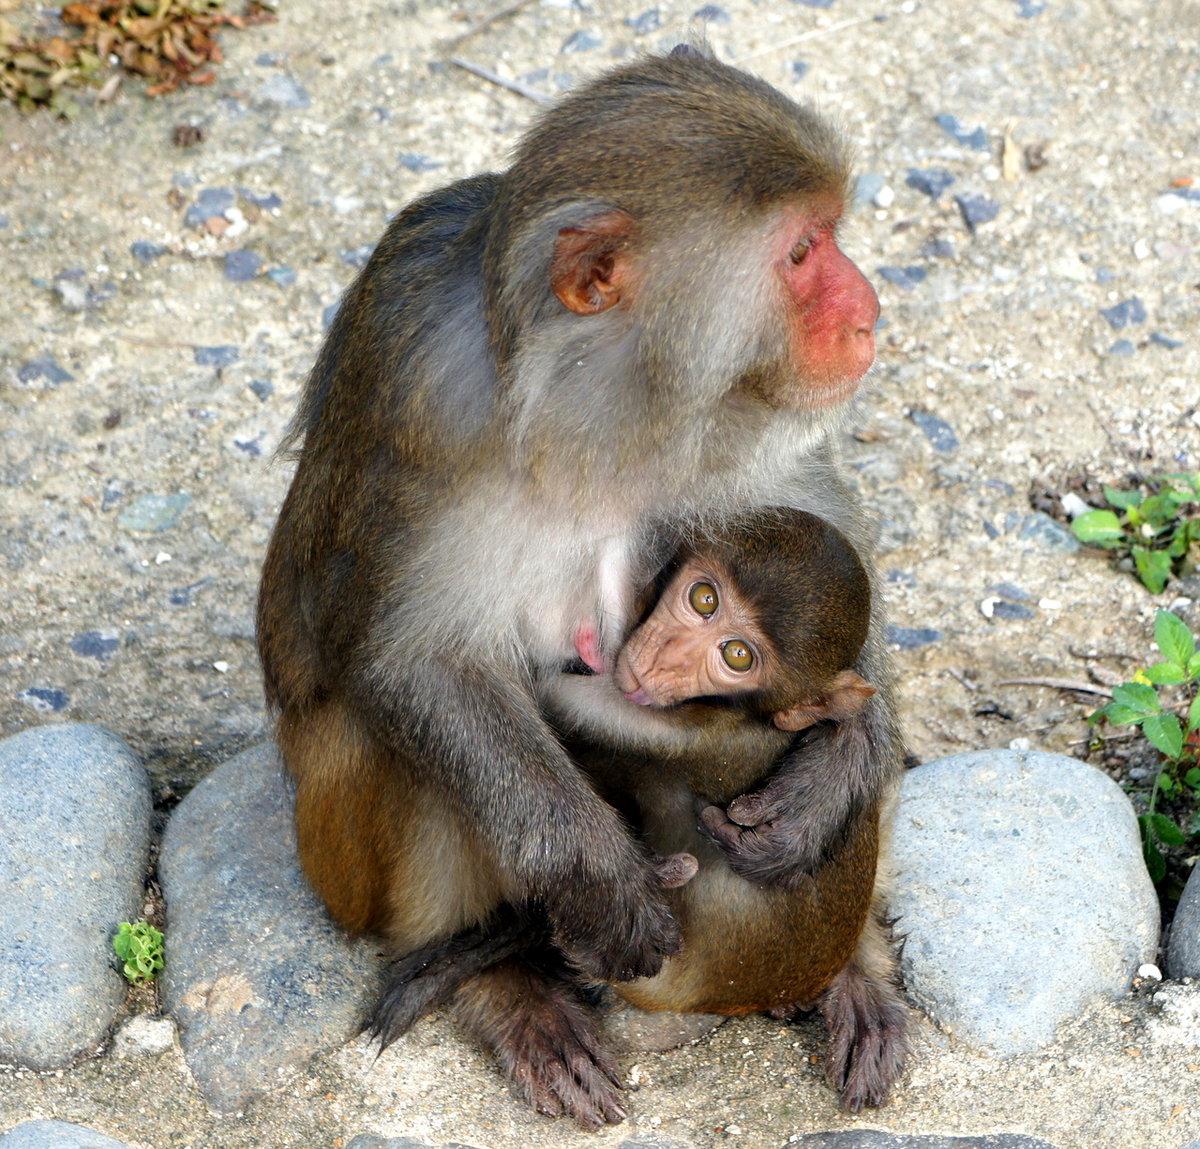 картинки обезьяны и детеныша правила, затем